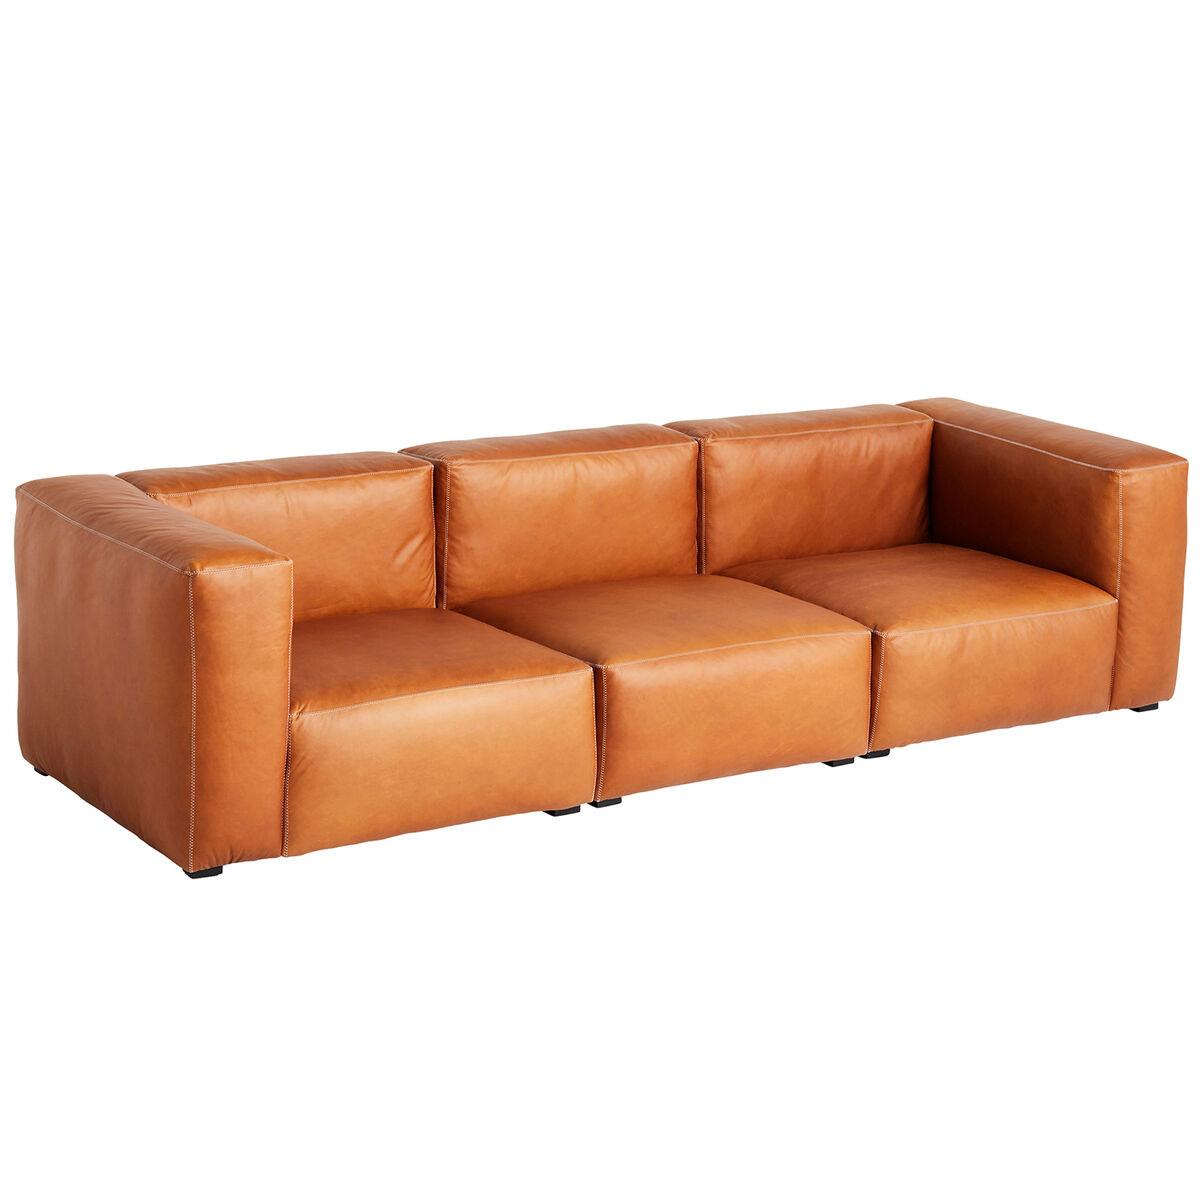 Image of Hay Mags Soft sohva 3-ist/269 cm, korkea käsinoja, Silk 0250